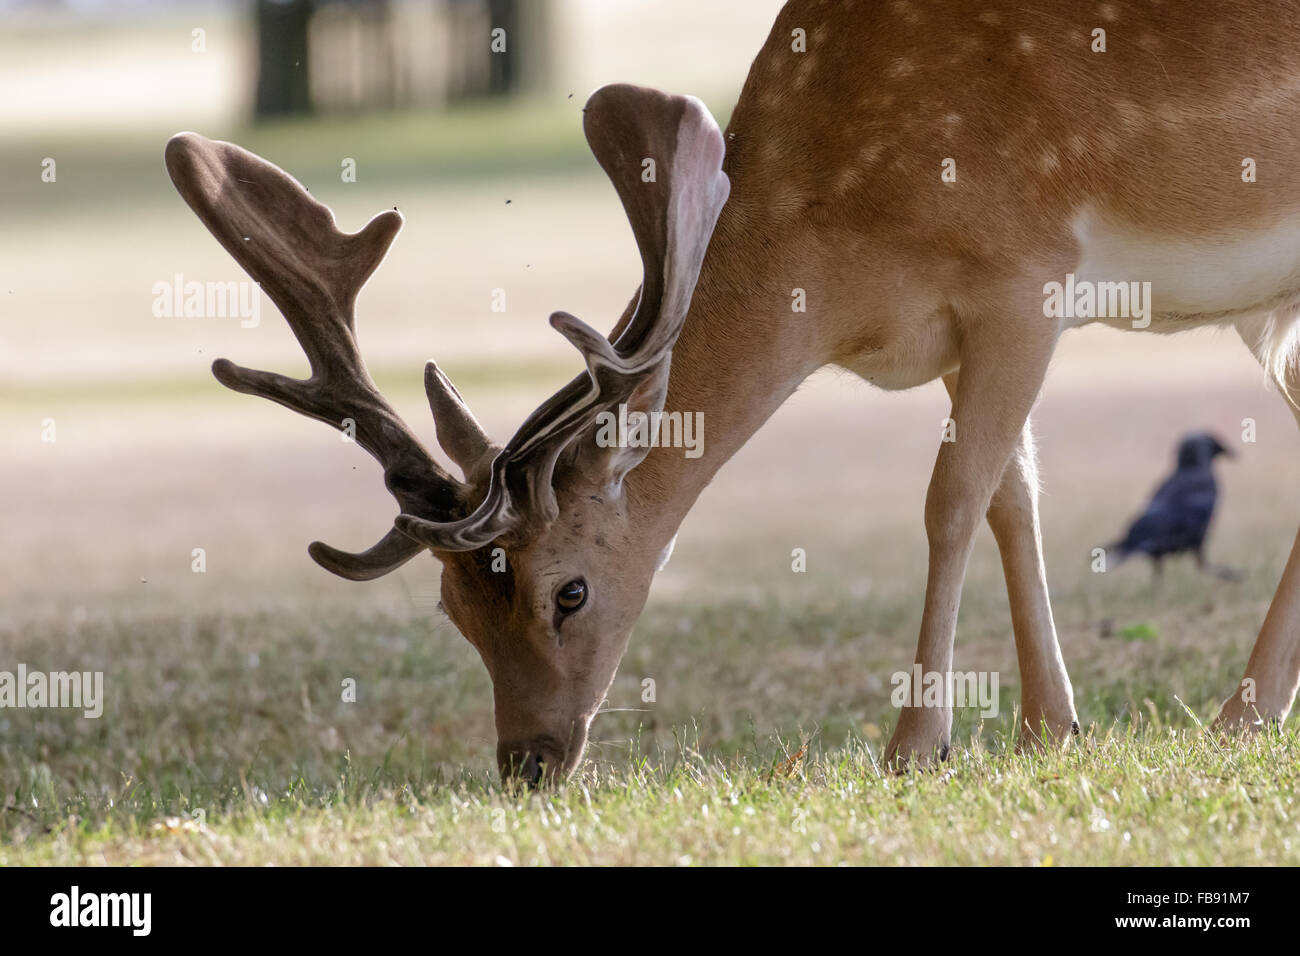 Fallow Deer (Dama dama) in velvet antlers, grazing on the short grass. - Stock Image